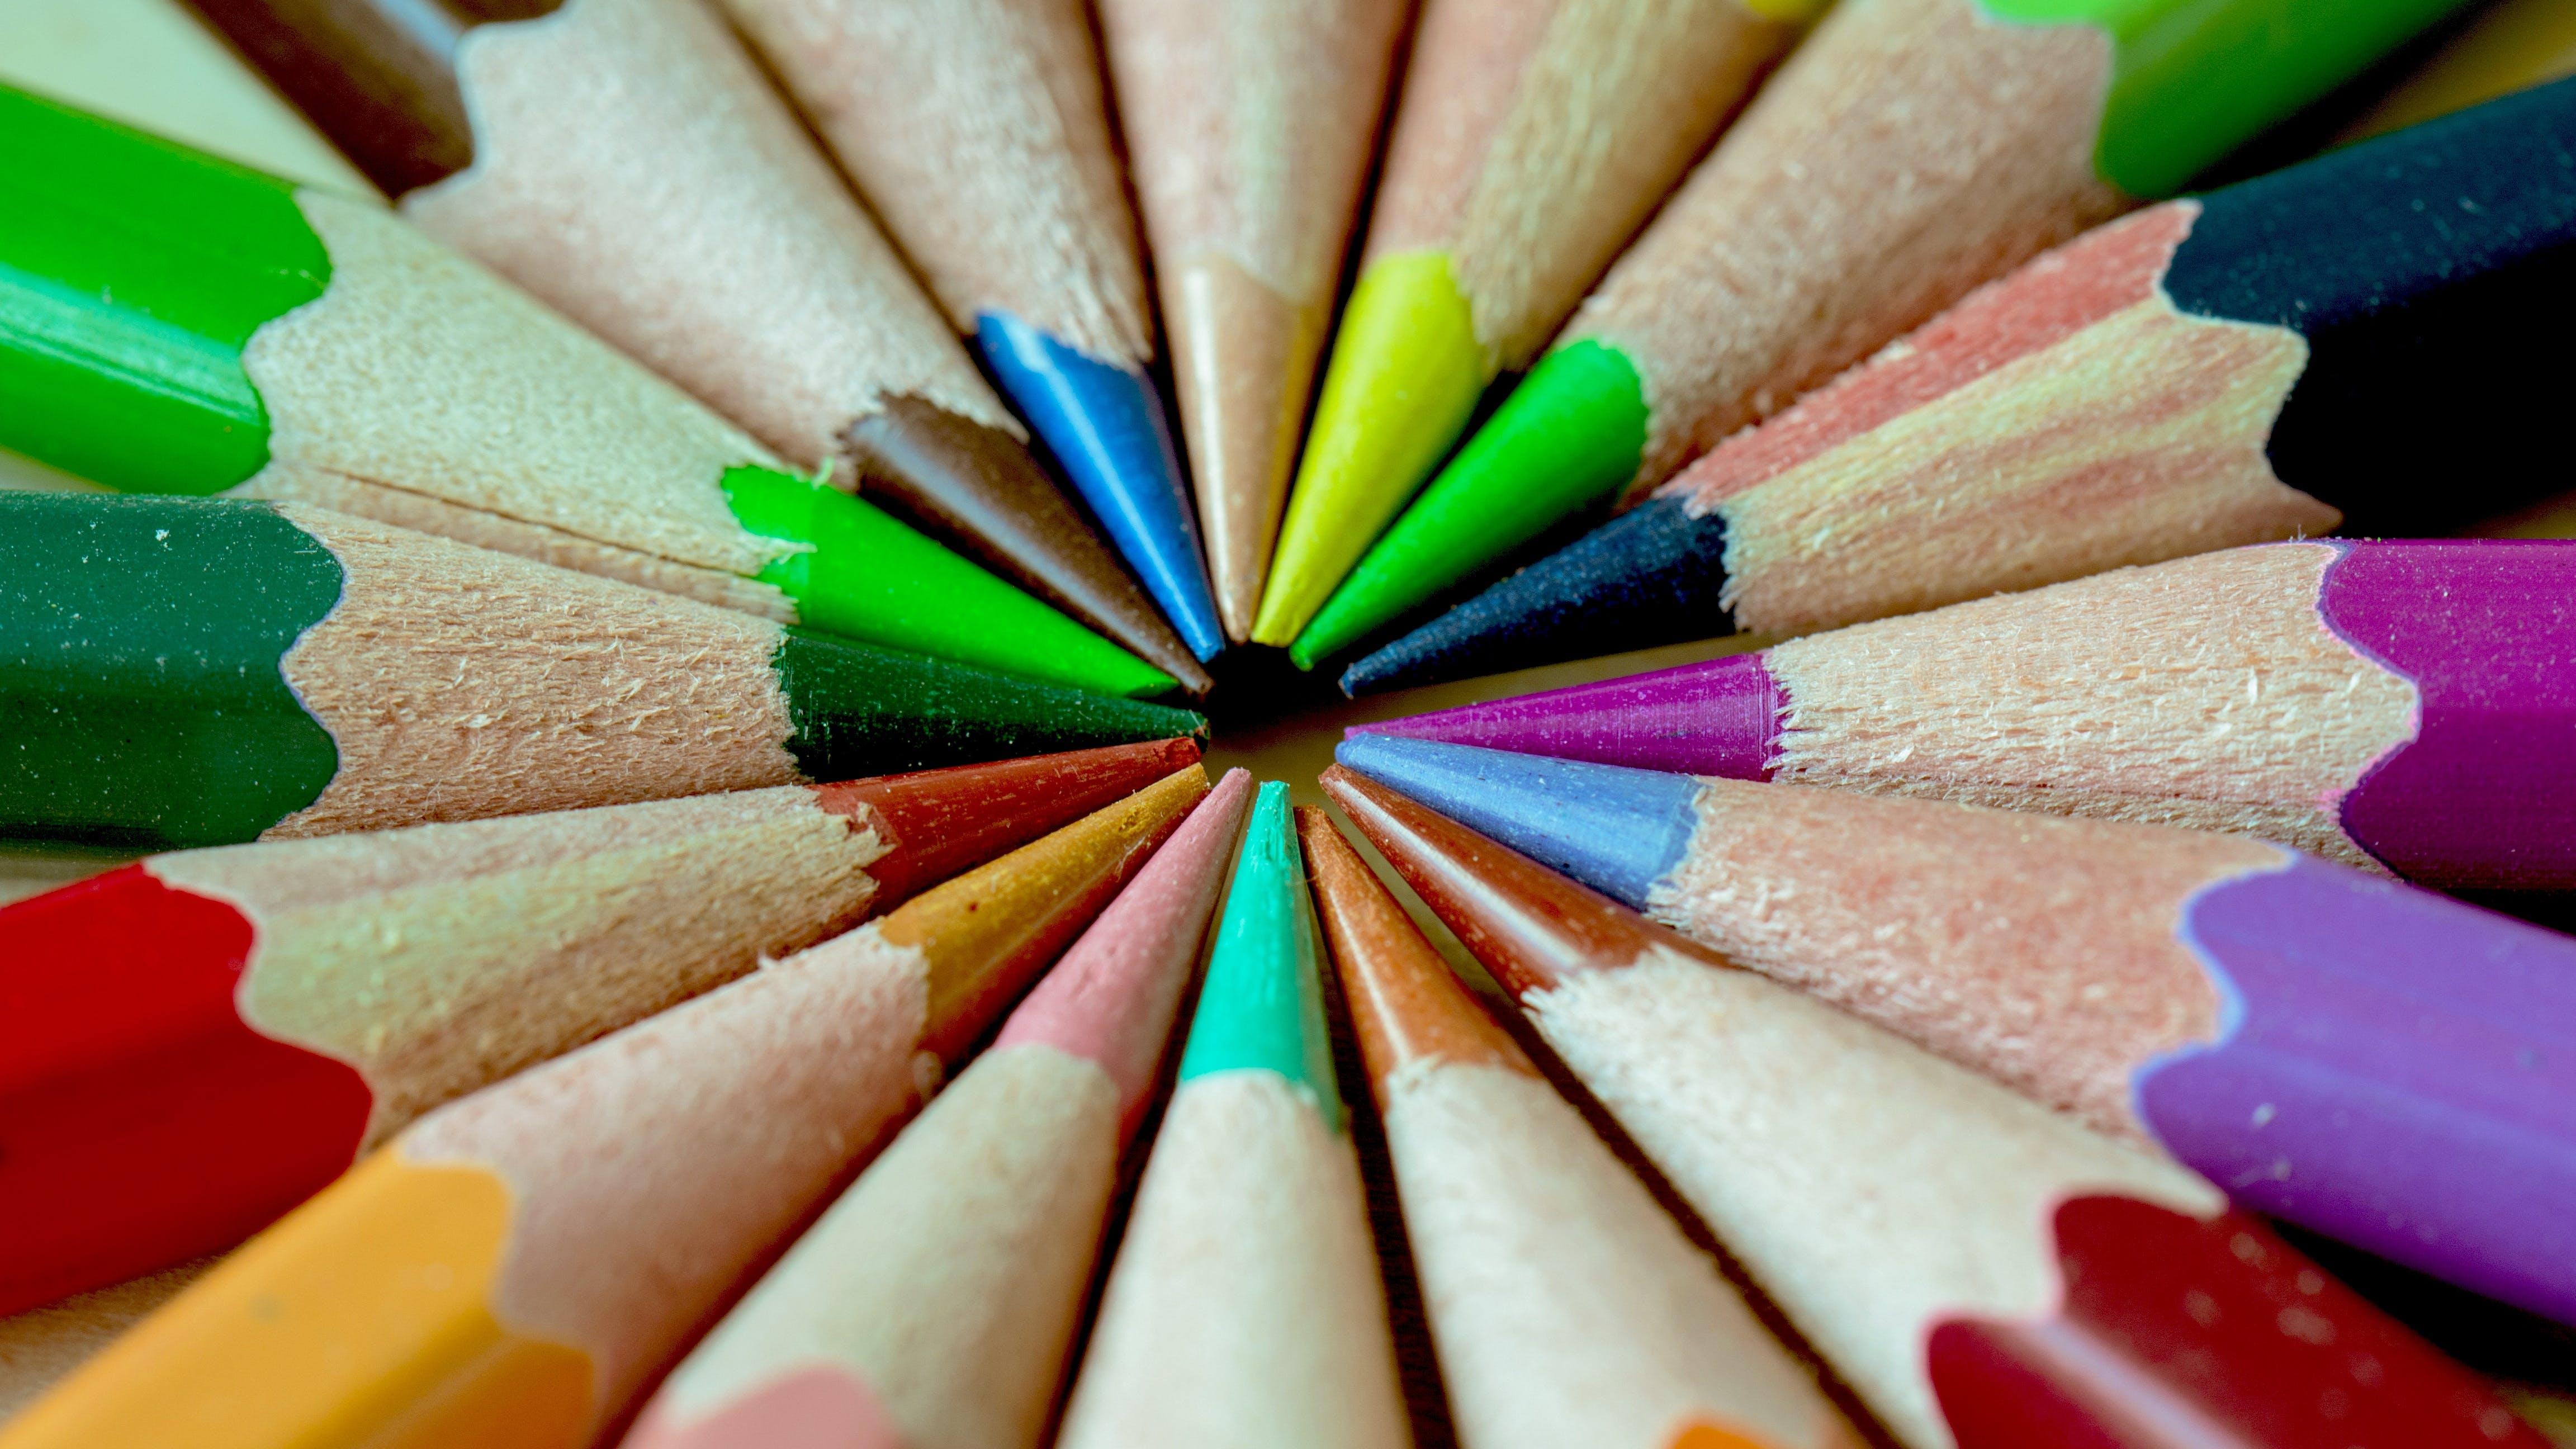 Gratis arkivbilde med barnehage, fargeblyanter, fargelegging, farger